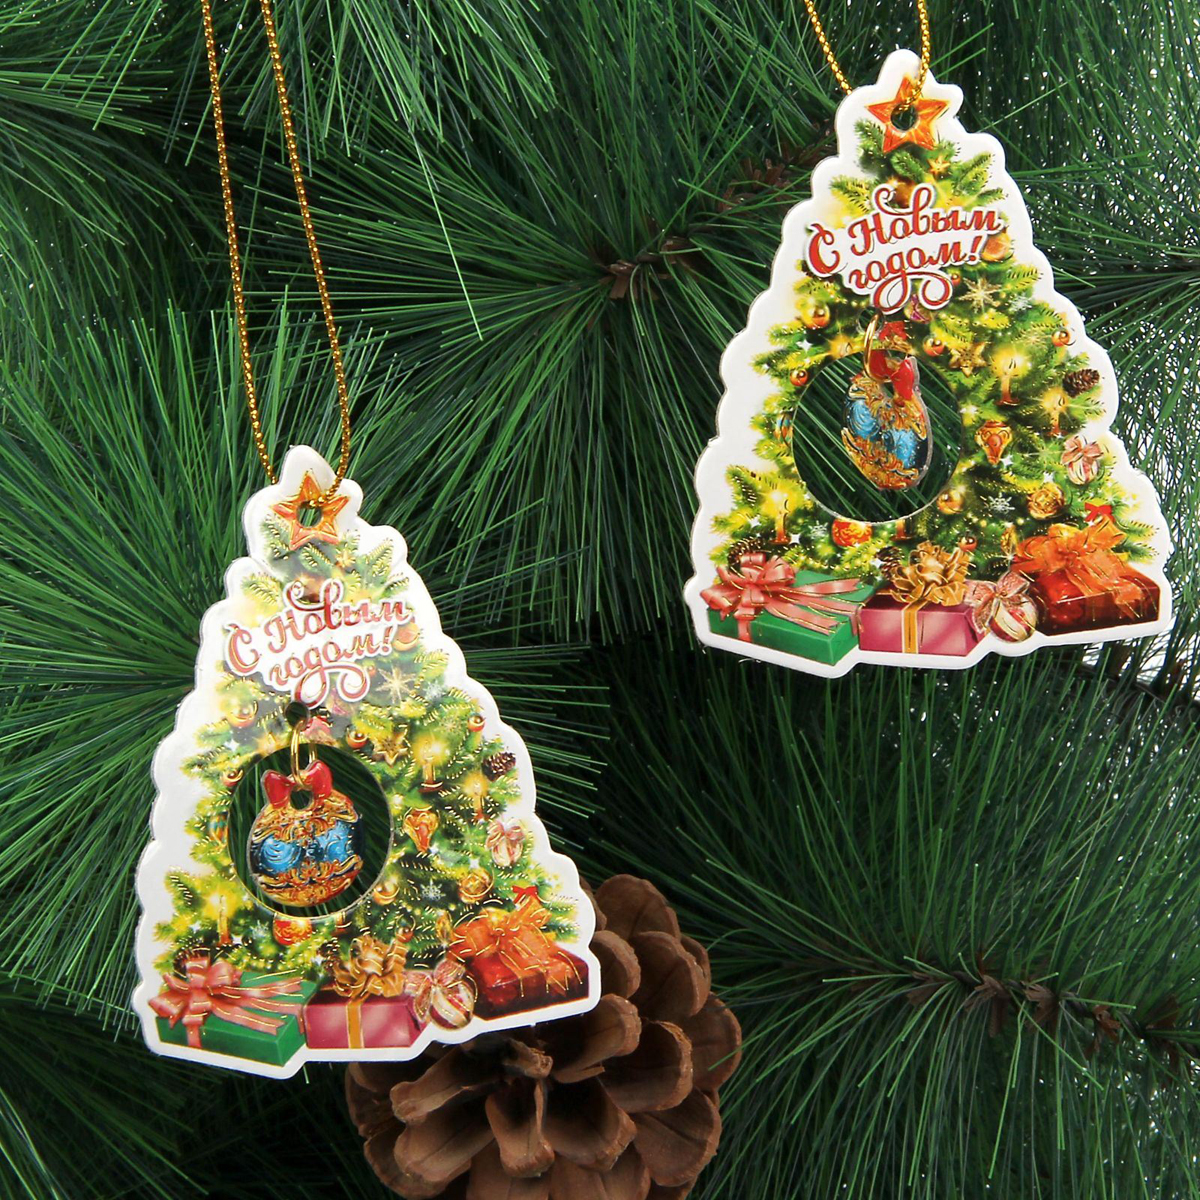 Новогоднее подвесное украшение Sima-land С Новым годом, 8,5 х 6,5 см, 2 шт1353879Новогоднее украшение Sima-land отлично подойдет для декорации вашего дома и новогодней ели.Елочная игрушка - символ Нового года. Она несет в себе волшебство и красоту праздника. Такое украшение создаст в вашем доме атмосферу праздника, веселья и радости.